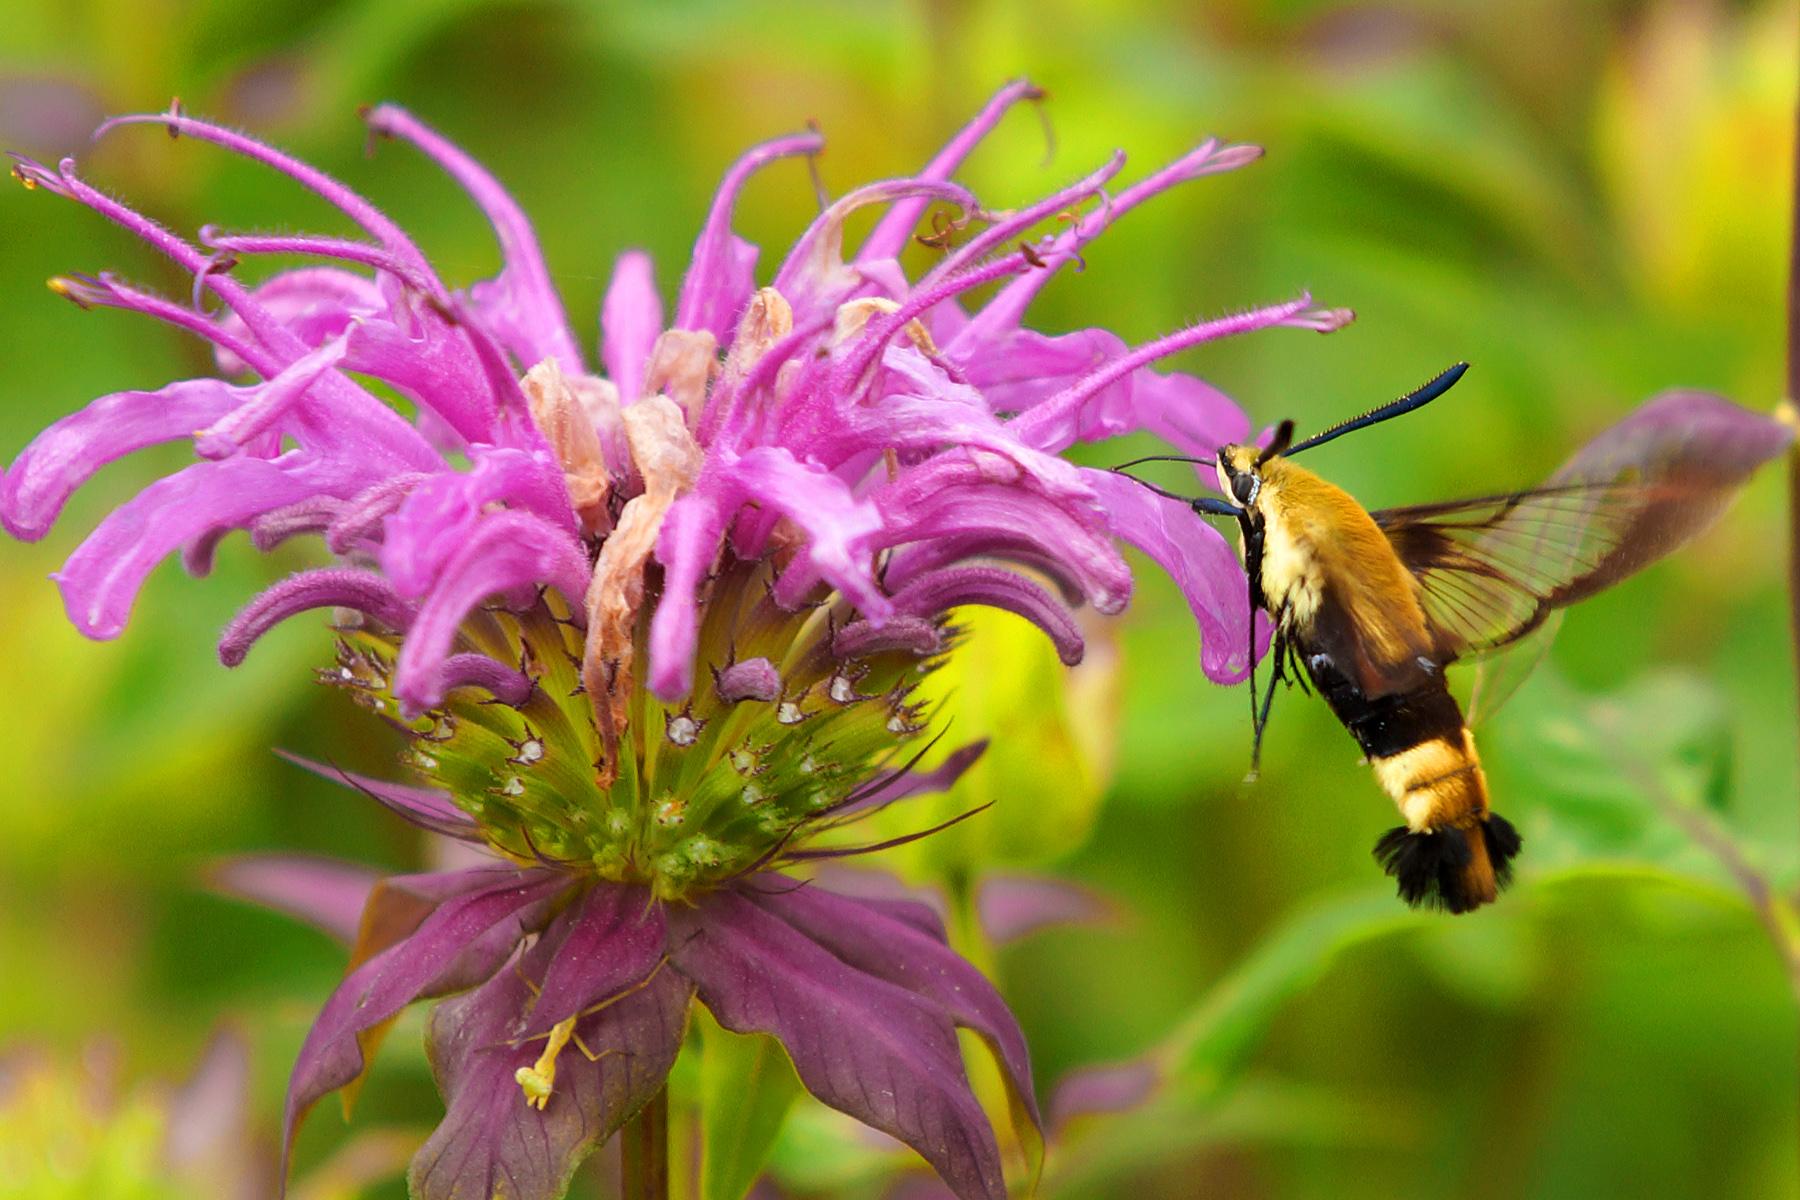 HummingbirdMoth - BillVansco.jpg